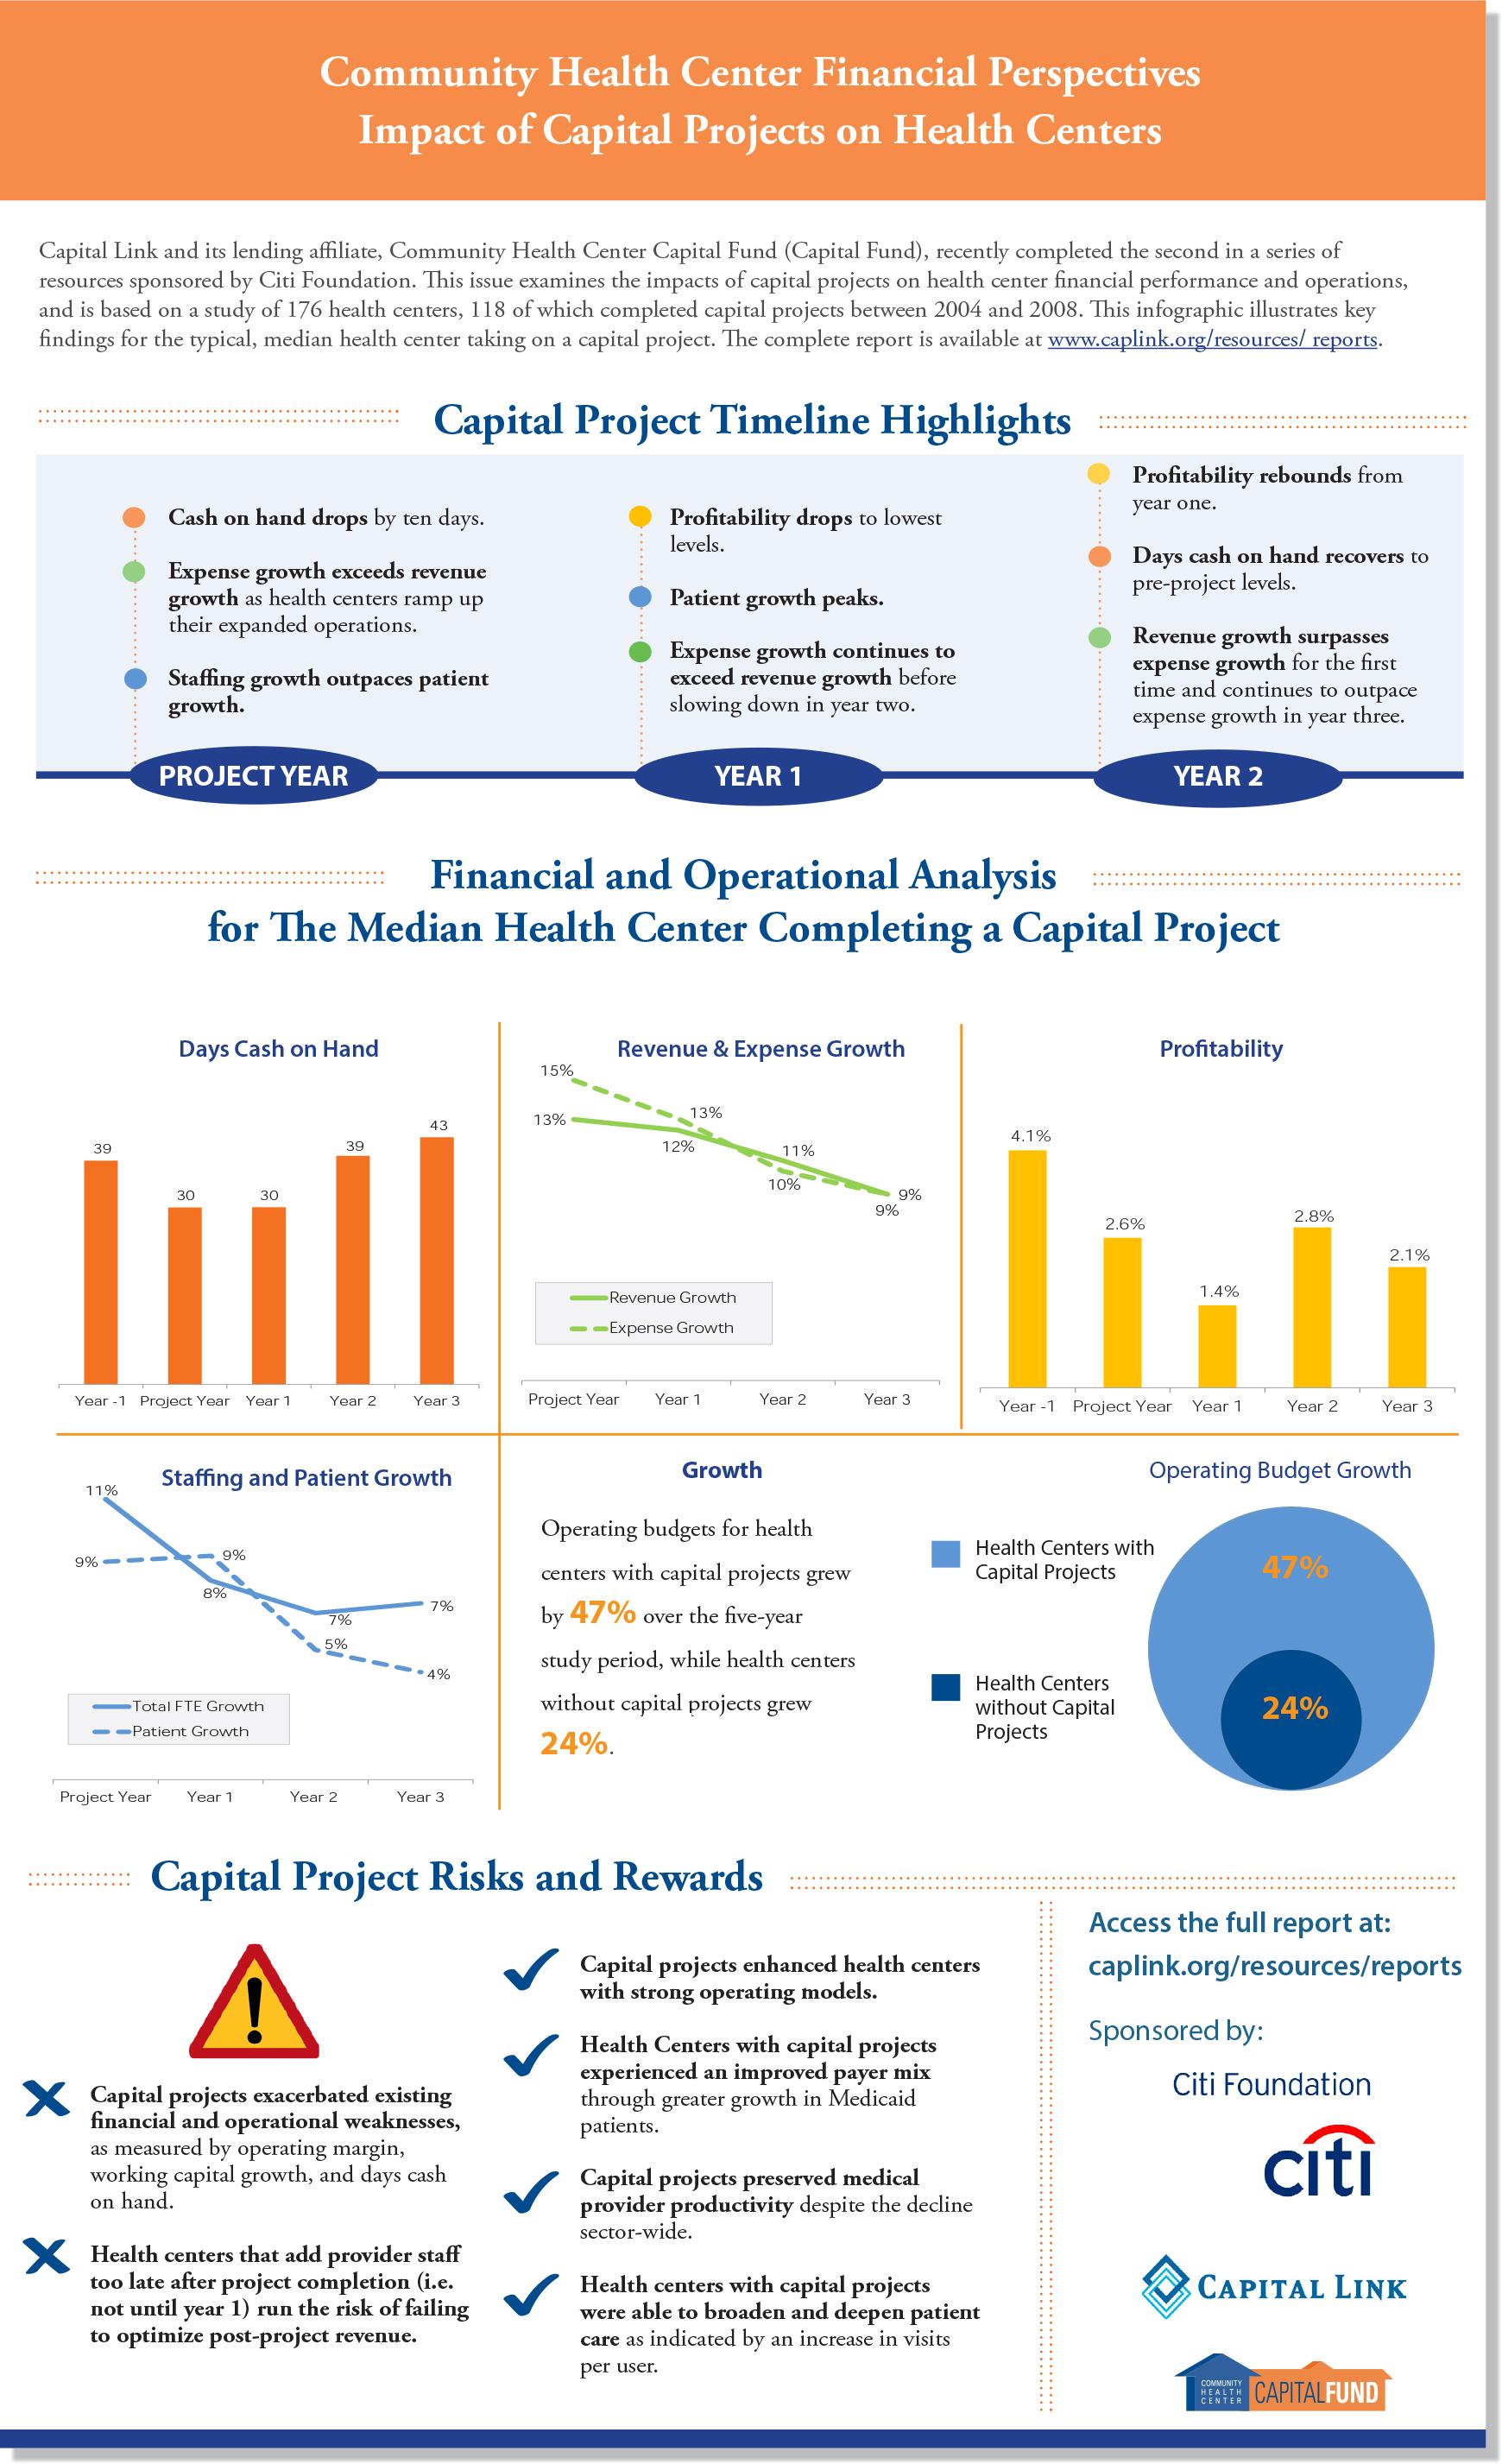 Citi-Infographic-1.jpg